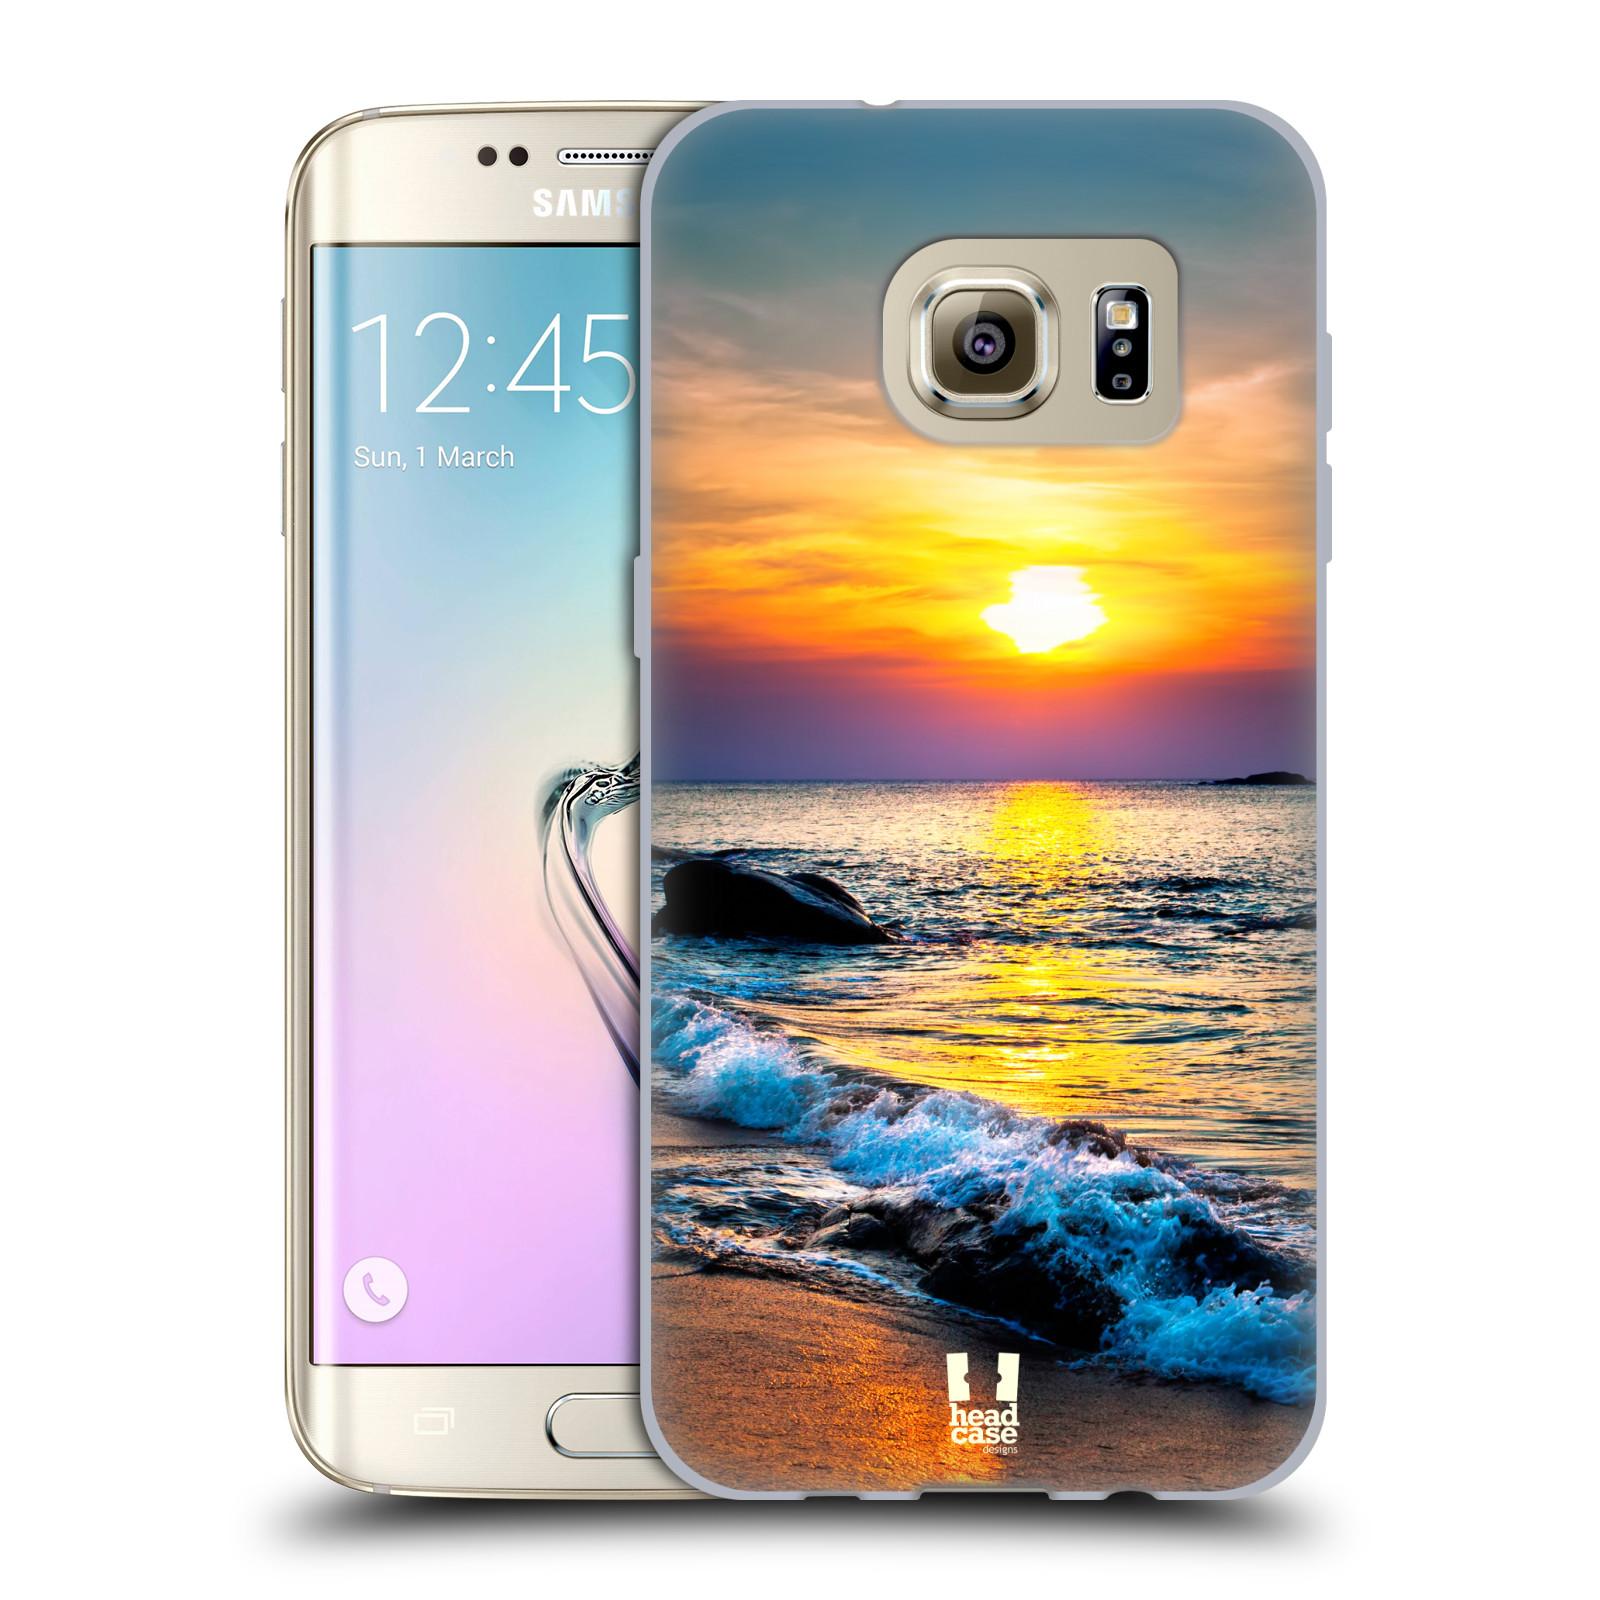 HEAD CASE silikonový obal na mobil Samsung Galaxy S7 EDGE (G9350) vzor Pláže a Moře barevný západ slunce